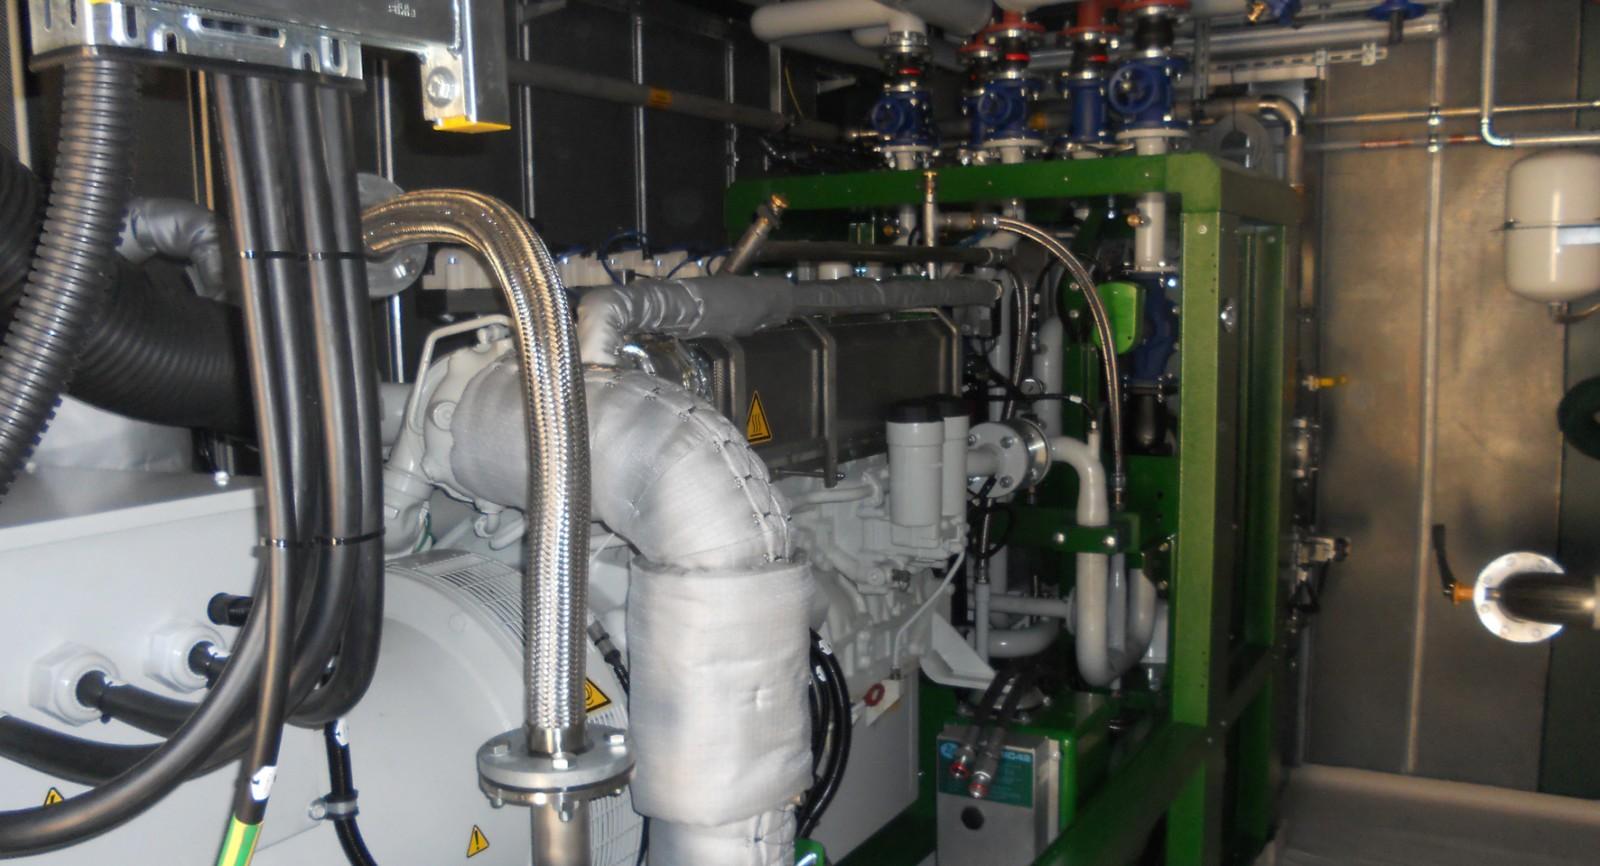 Die zweite Anlage ist installiert und bietet die gewünschte Kapazitätserweiterung.